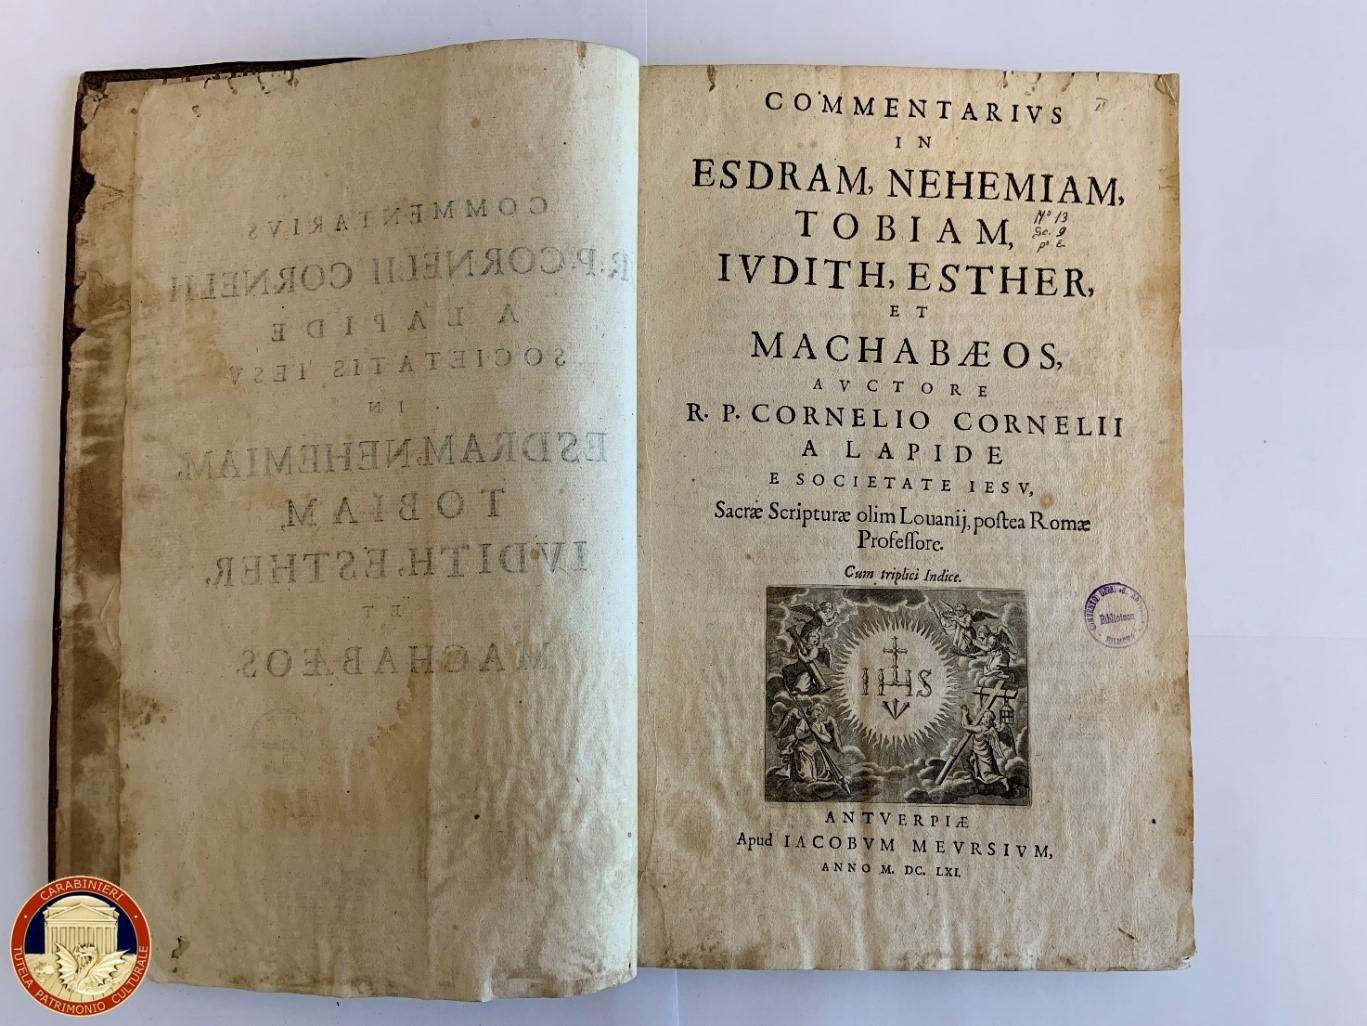 Carabinieri per la Tutela del Patrimonio Culturale restituiscono libro del 1661